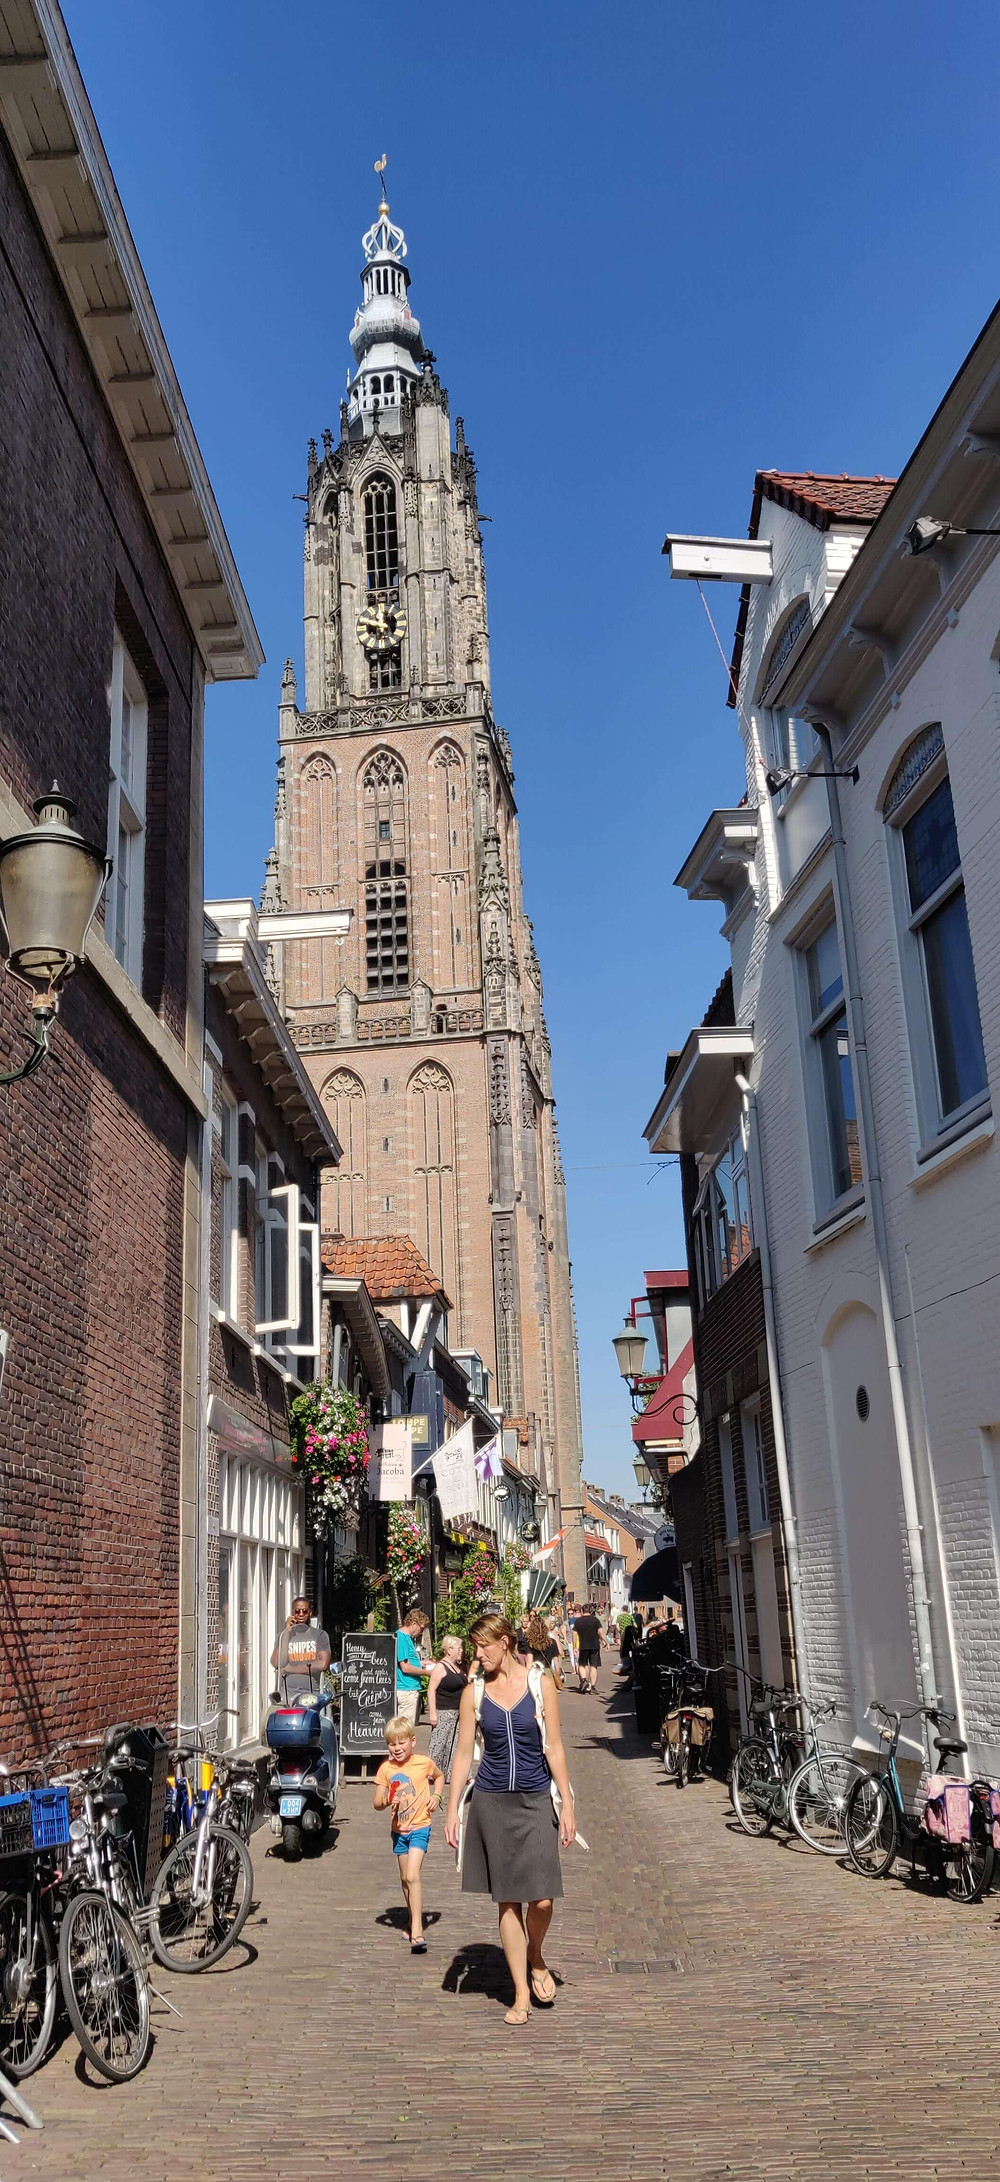 מגדל הכנסיה. נקודת האמצע של הולנד